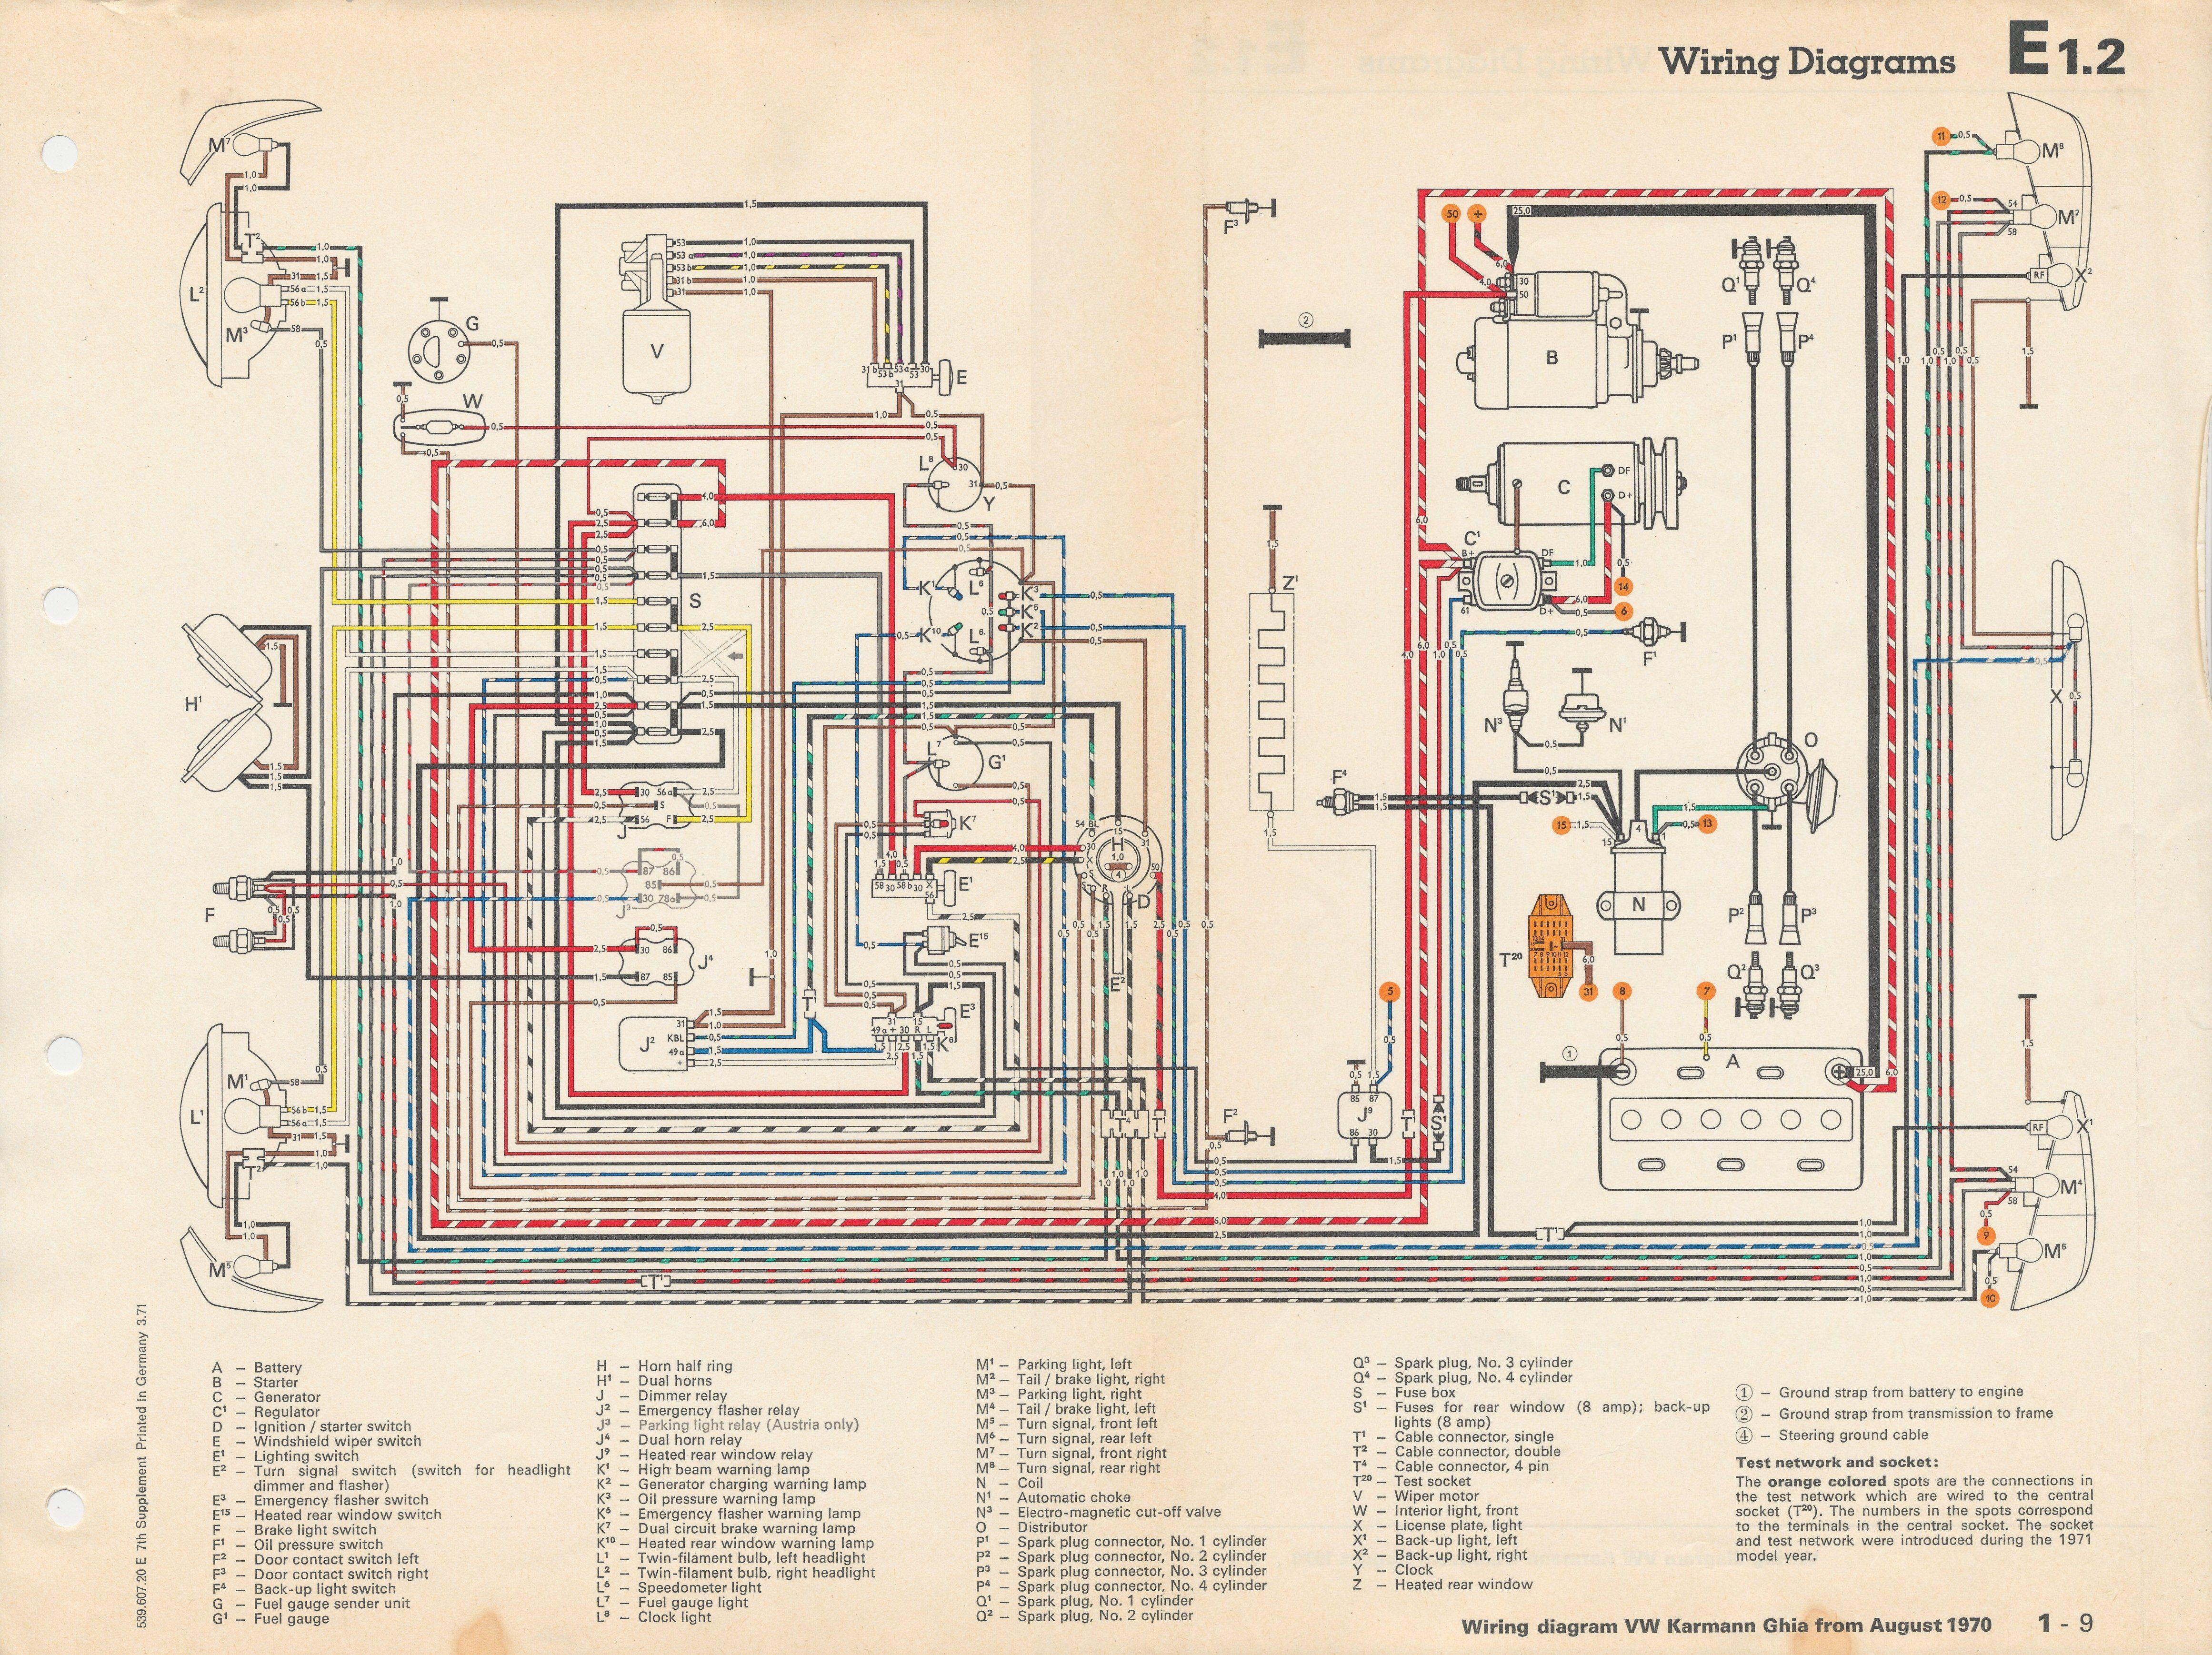 1971 vw karmann ghia wiring diagram thesamba com karmann ghia rh pinterest com 1969 vw beetle [ 4645 x 3475 Pixel ]